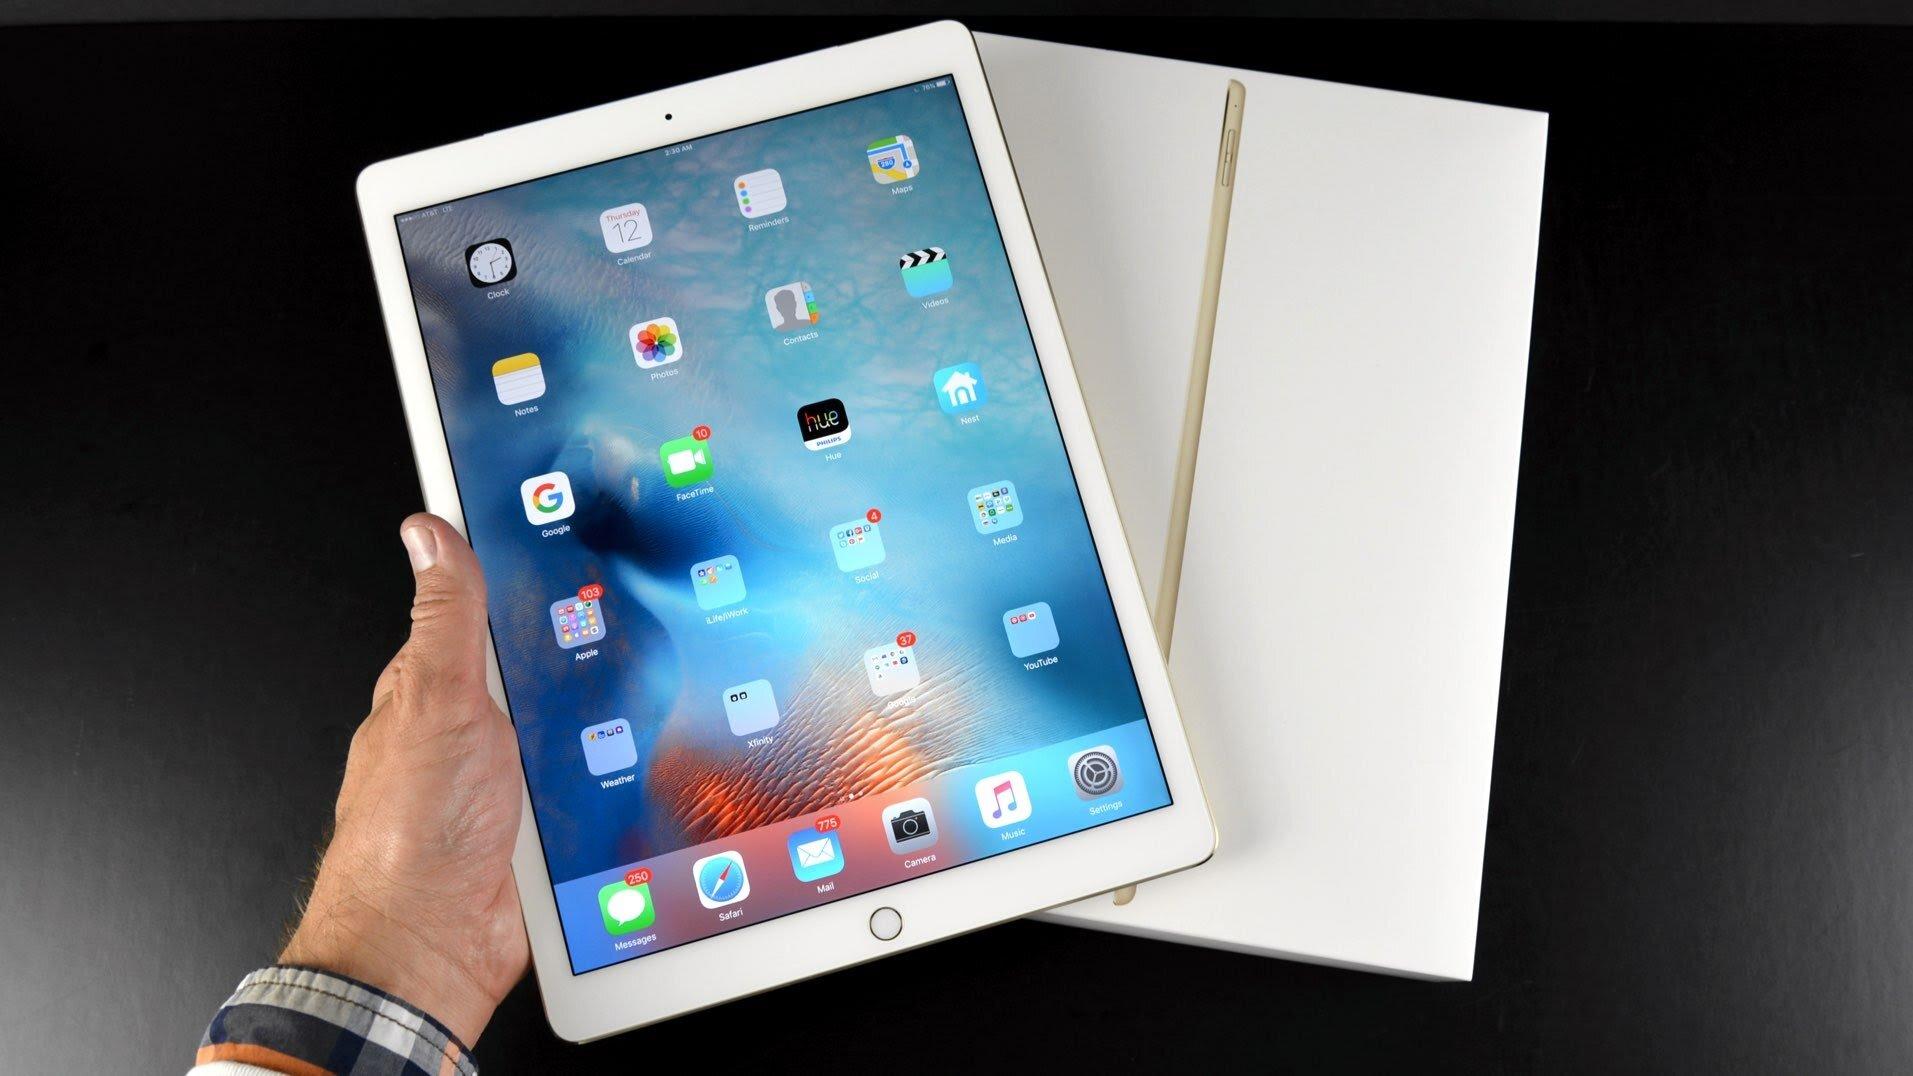 Hình ảnh iPad Air 2 khi ra mắt sản phẩm